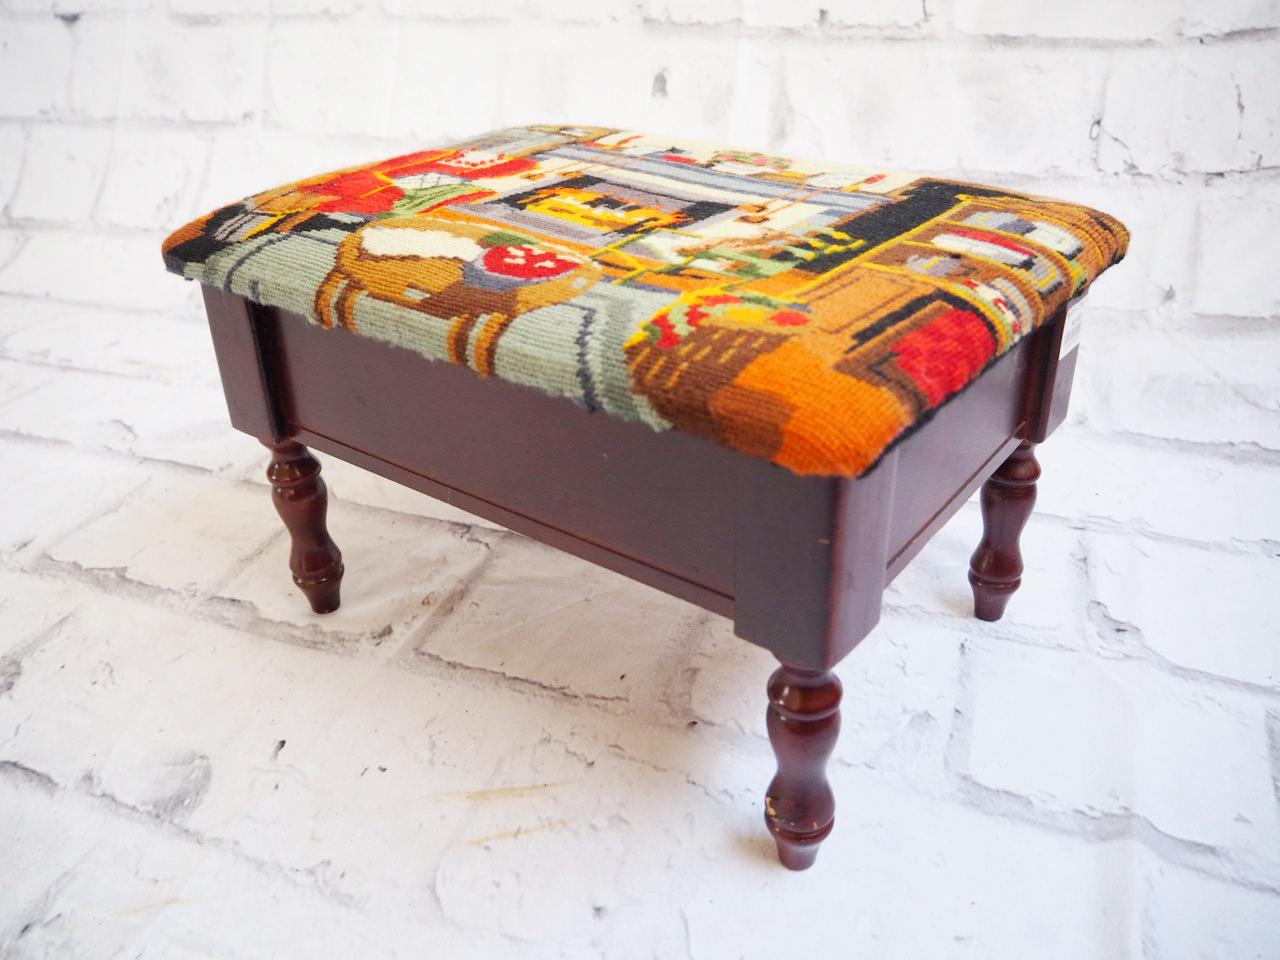 品番2558 powell 木製 スツール 腰掛け椅子 チェアー ファブリック生地 アンティーク家具